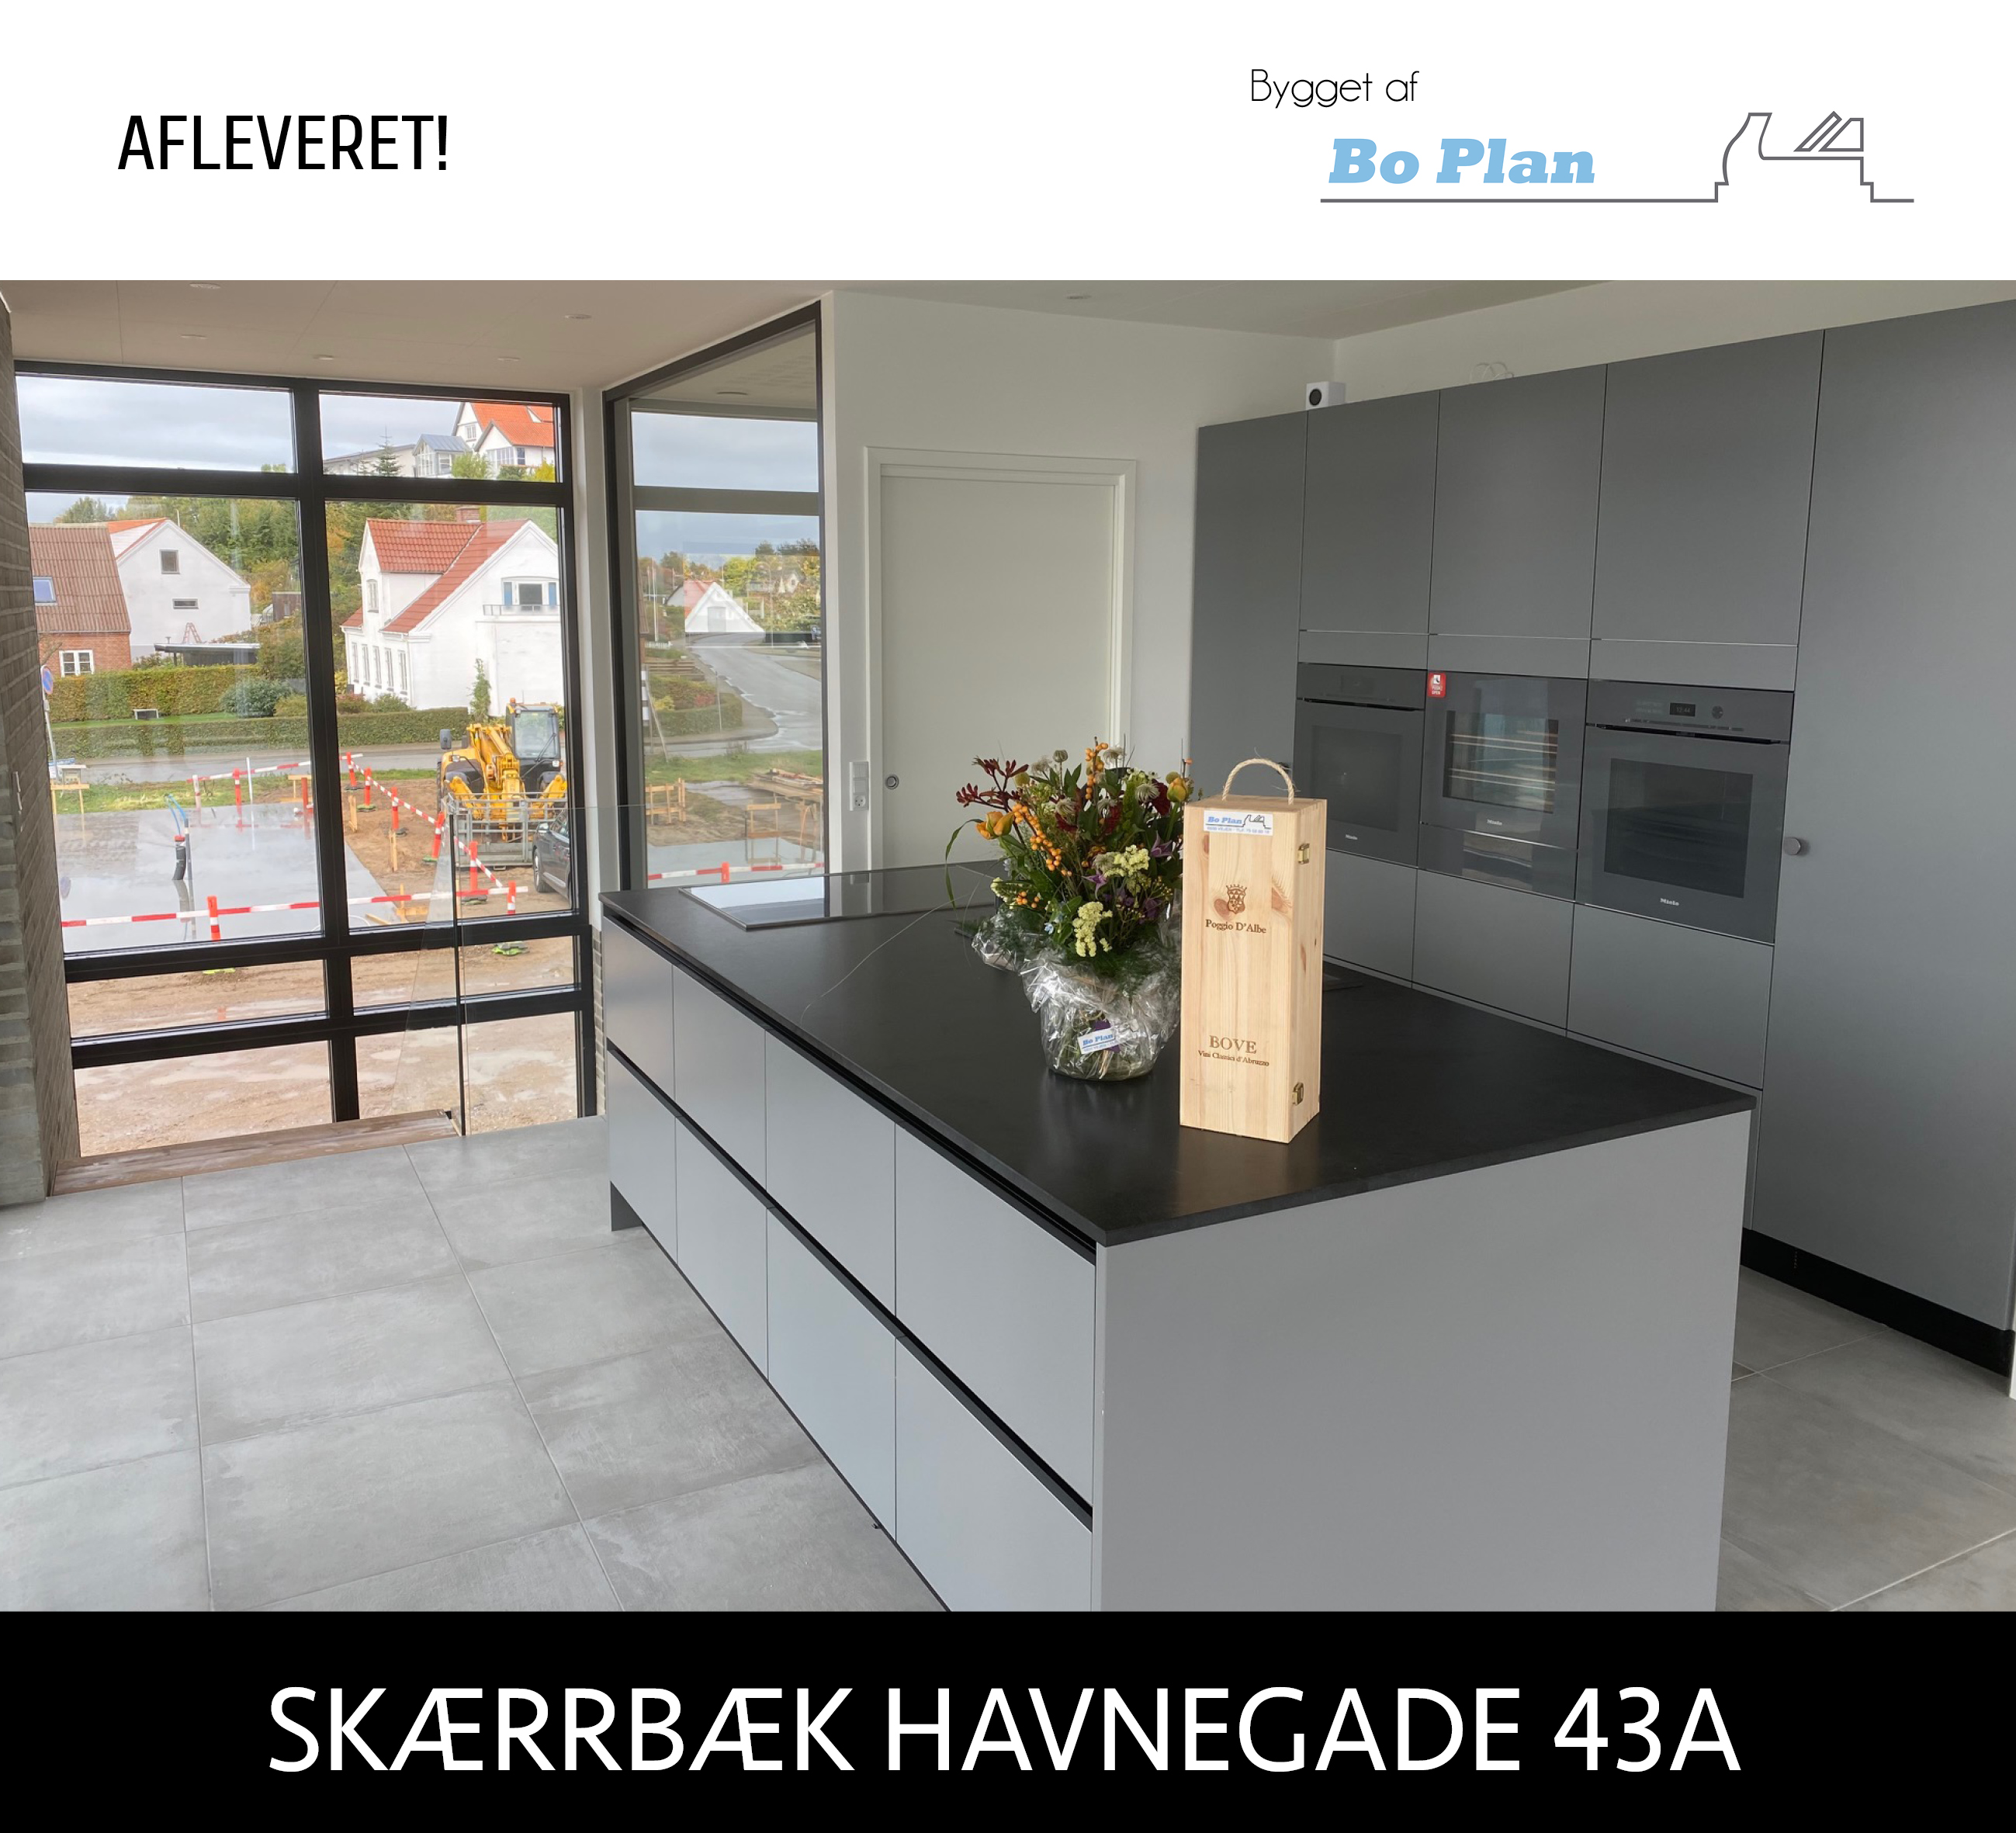 Skærbæk_Havnegade_43A_afleveret8